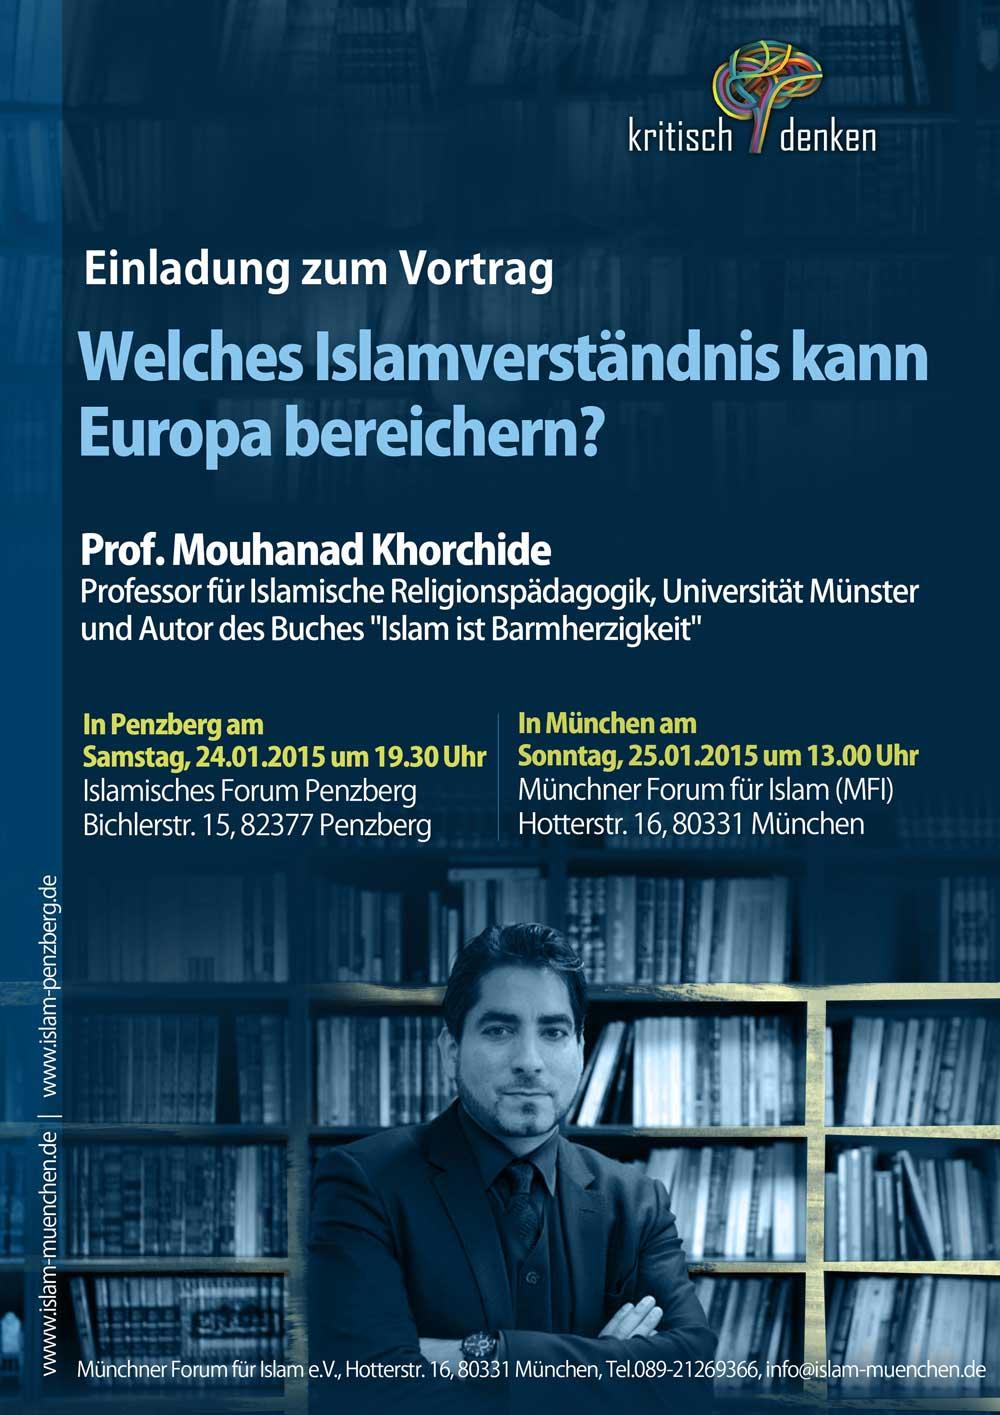 IGP Veranstaltung: Vortrag von Mouhanad Khorchide